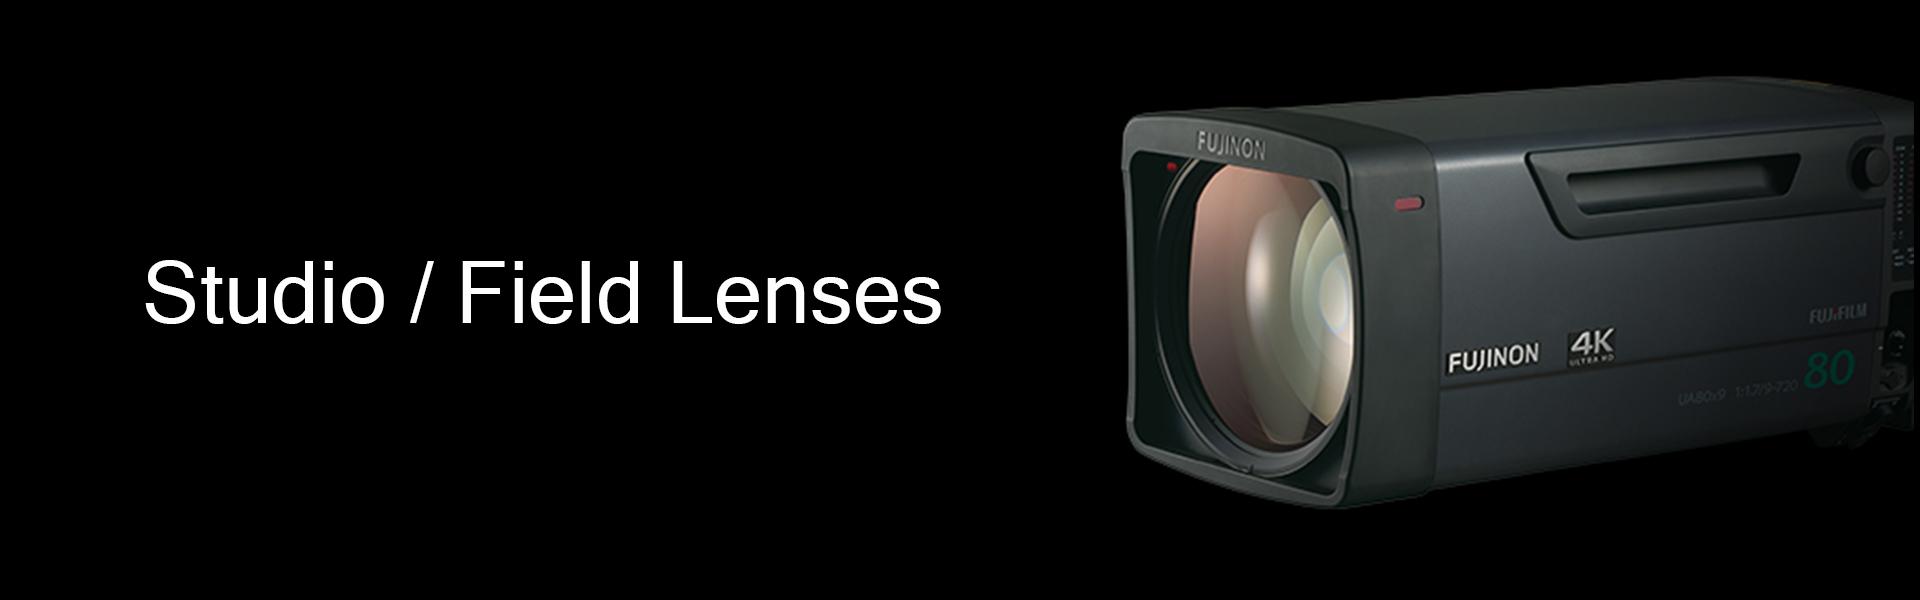 [사진] 검정색 배경 앞에 놓인 Studio/Field 4K 렌즈